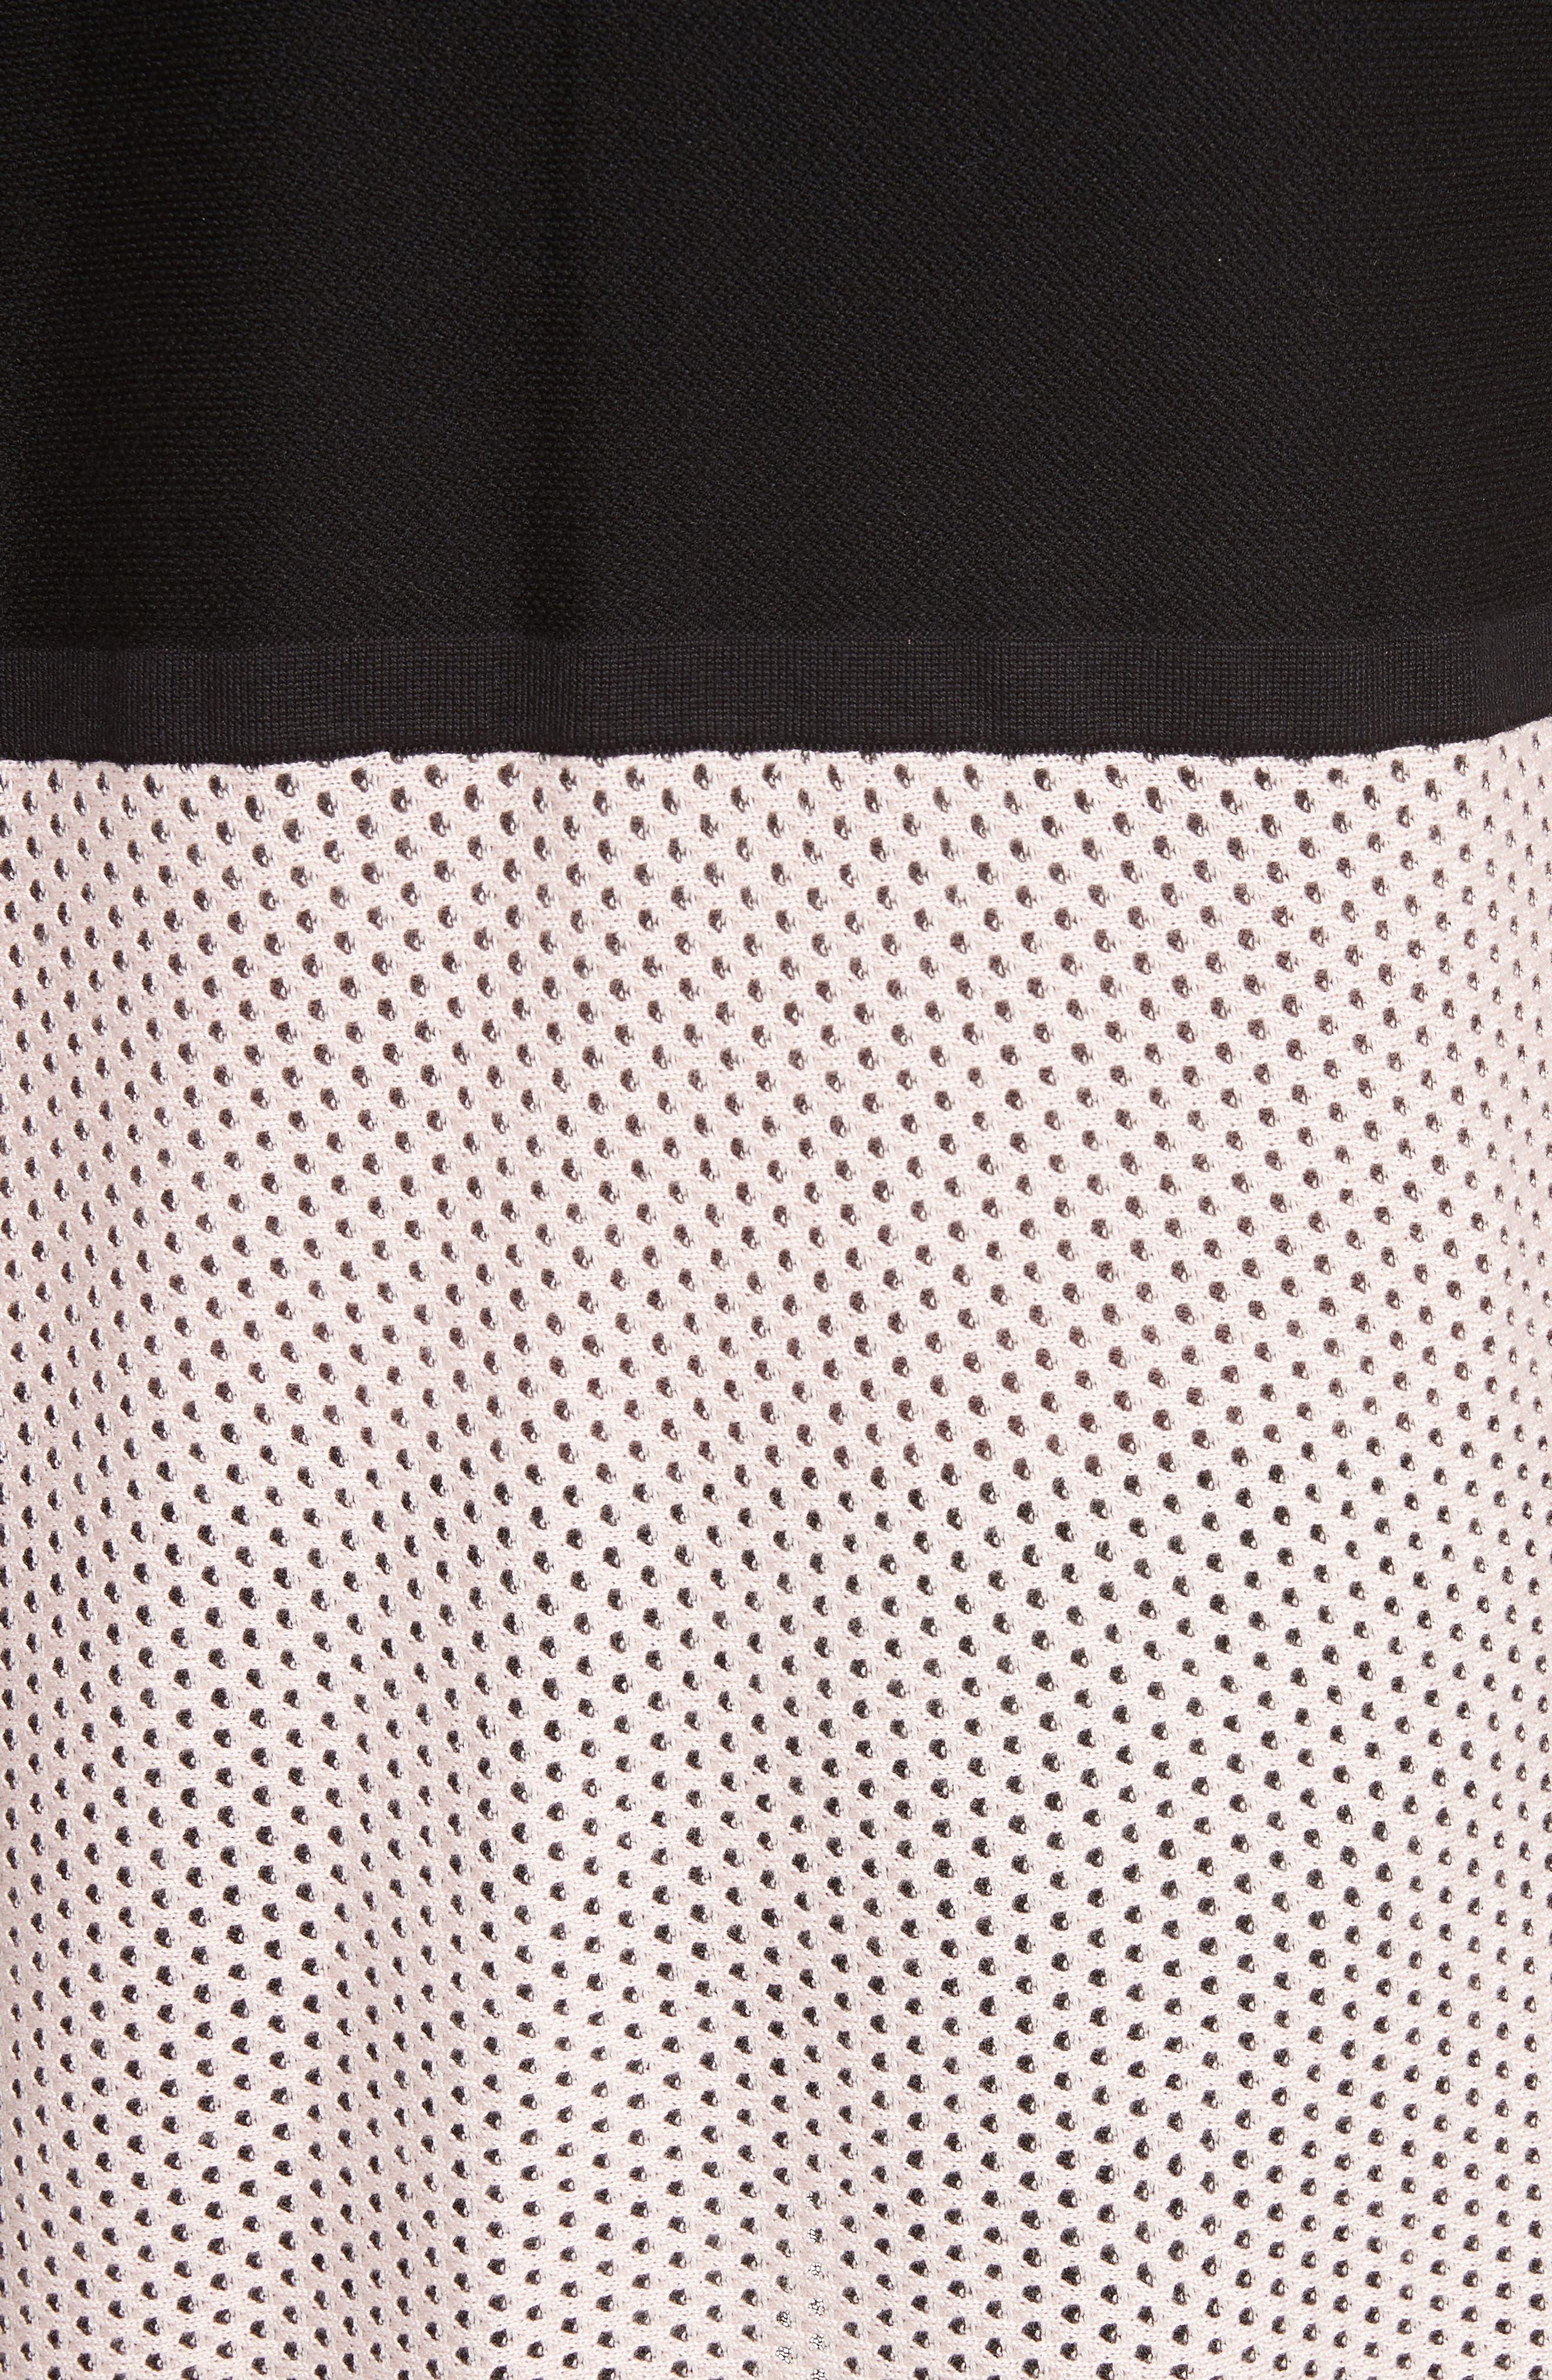 Mesh Knit Cardigan,                             Alternate thumbnail 5, color,                             Caviar/Blush